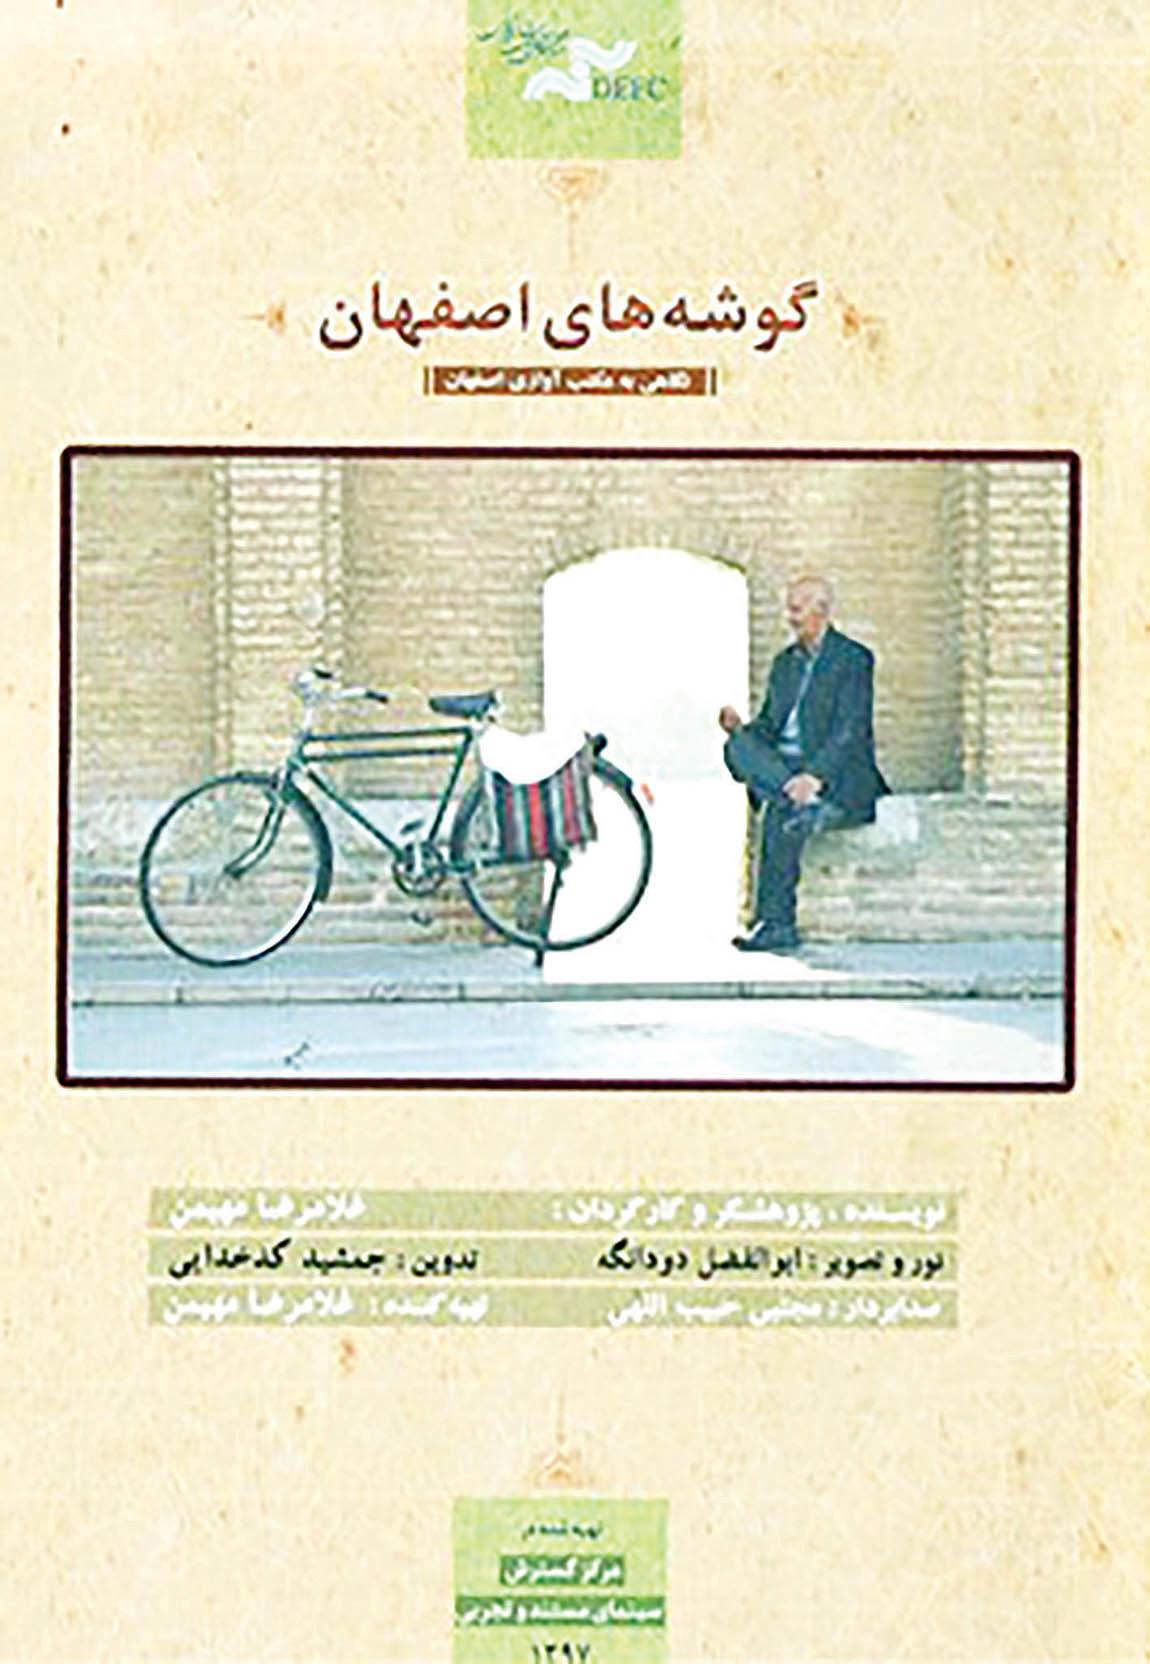 بررسی 90 سال موسیقی اصفهان در شبکه خانگی